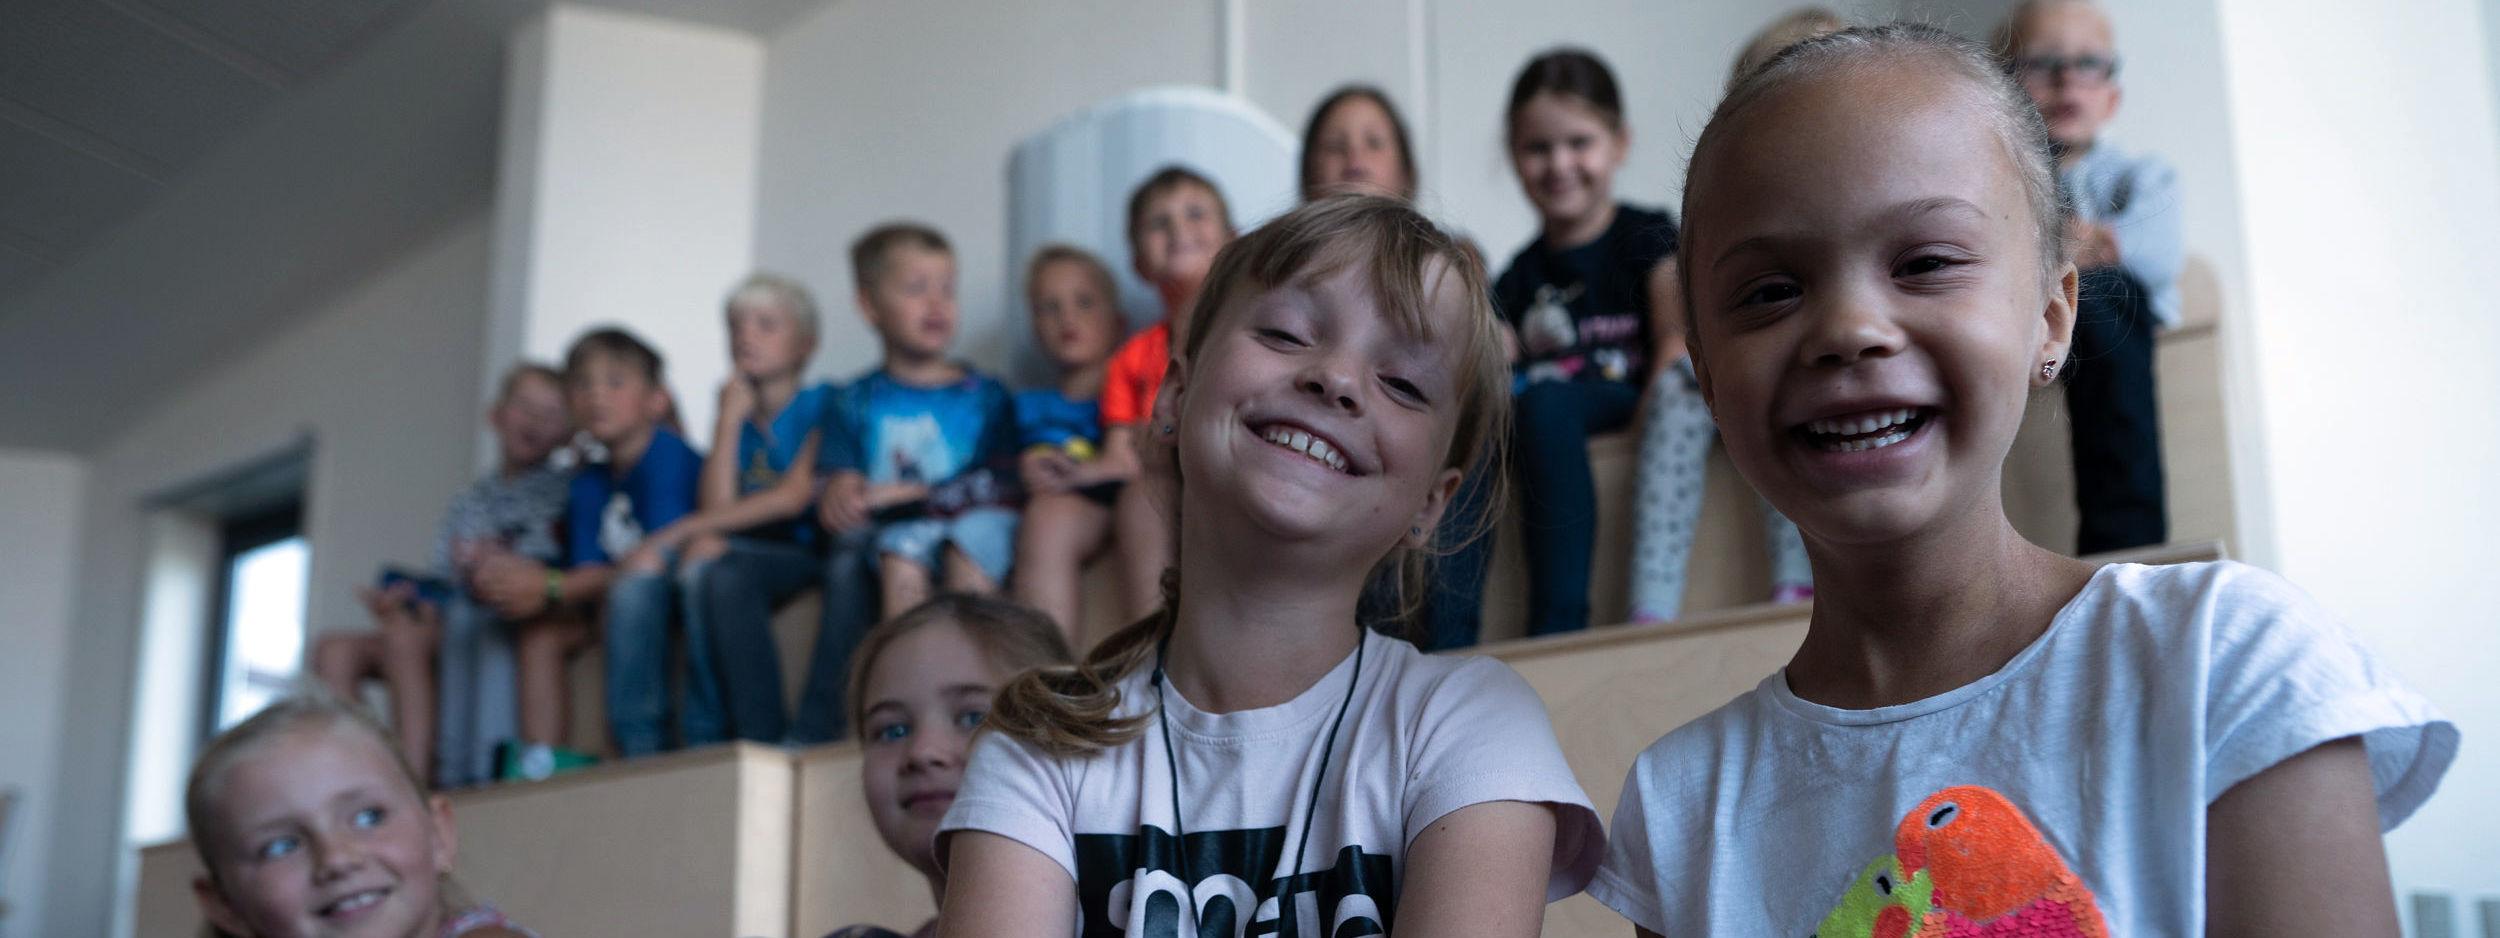 Smilende Børn